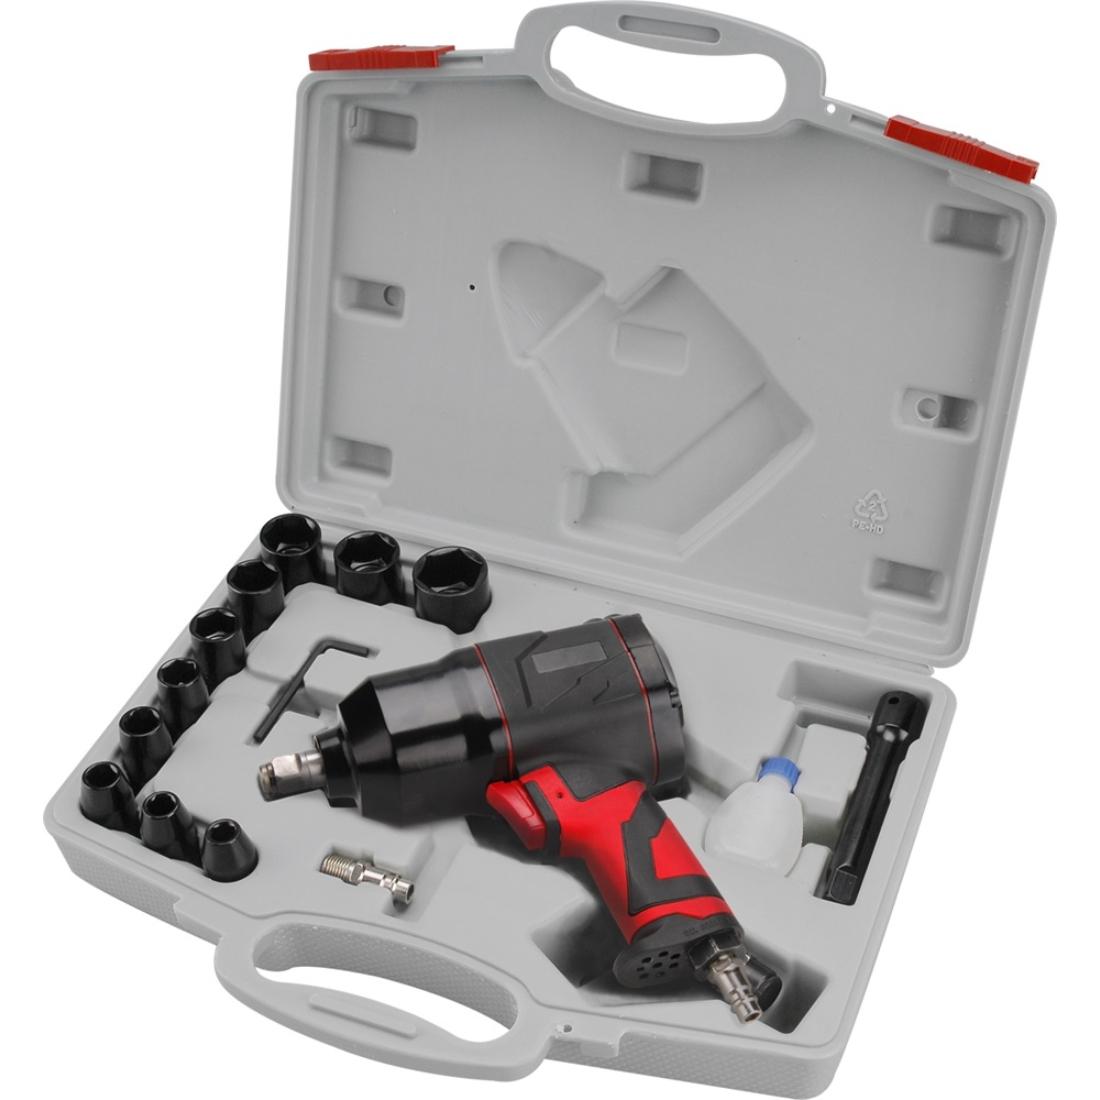 """Extol Premium légkulcs készlet., 15 db, 1/2"""", dugófejek (10 db: 9-27mm), 340Nm, 7400 1/min, 113l/min, 6,3 Bar, 1/4"""" tömlőcsatlakozó, 1,9kg"""